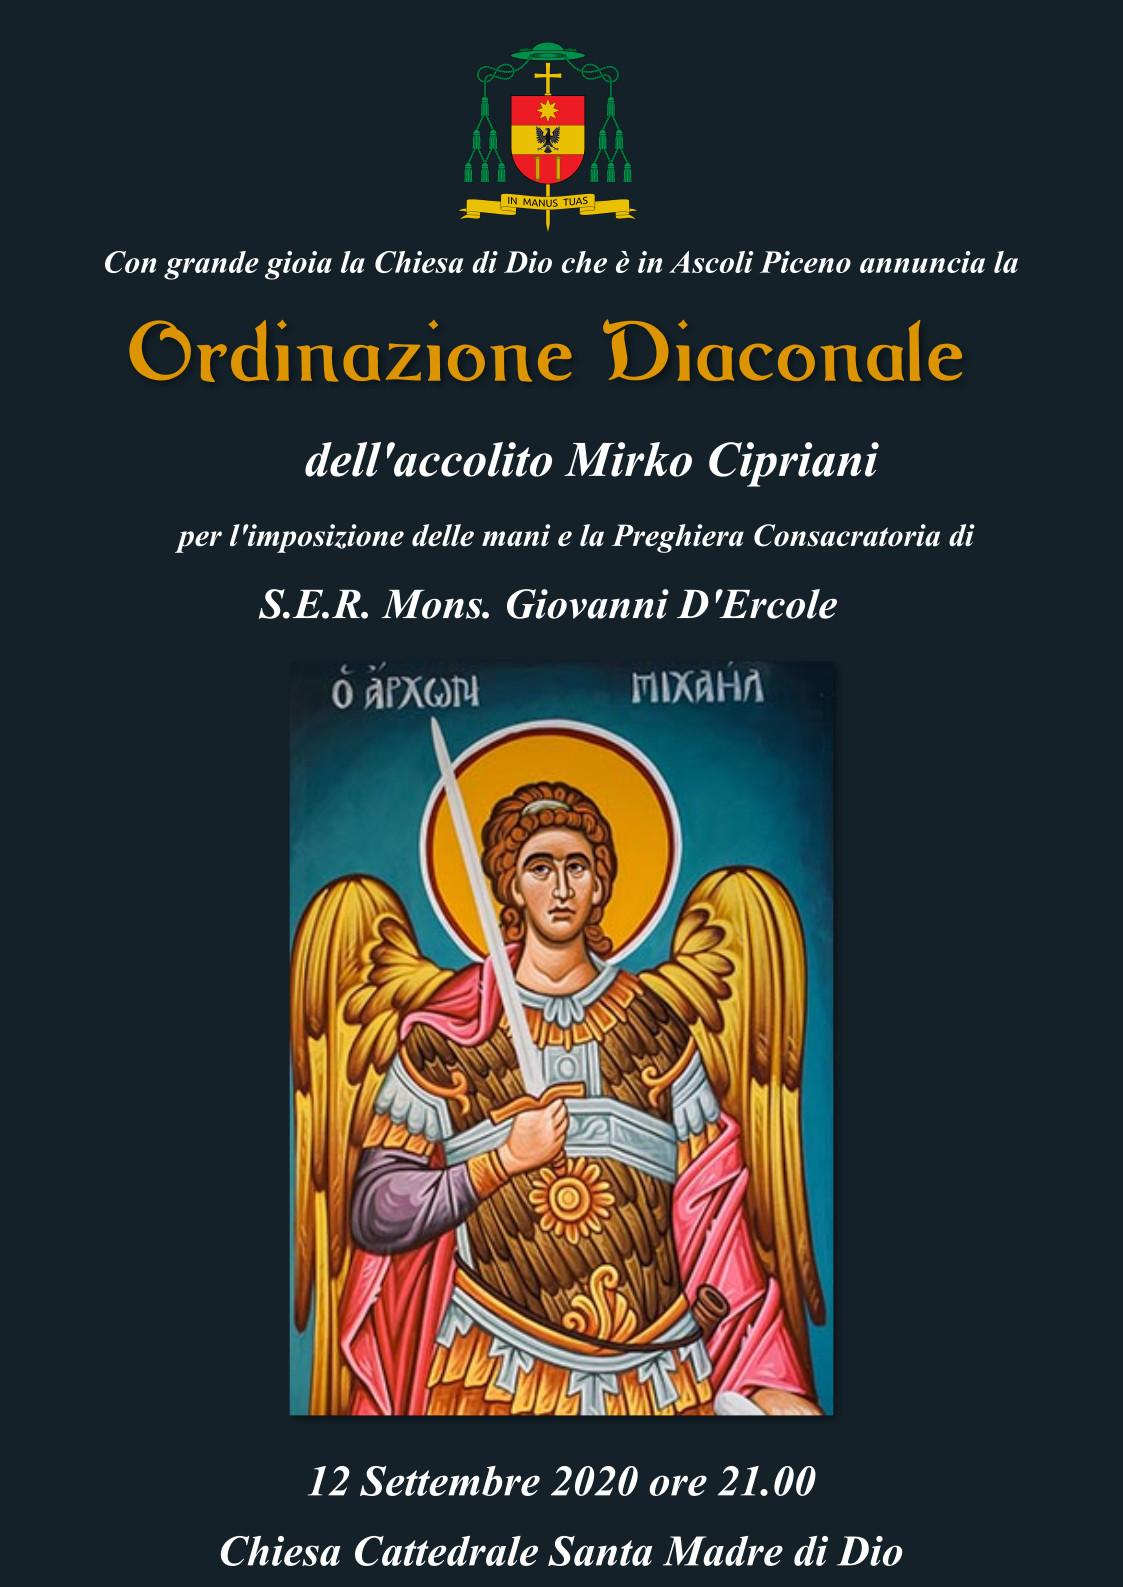 Locandina Ordinazione Diaconale Mirko Cipriani